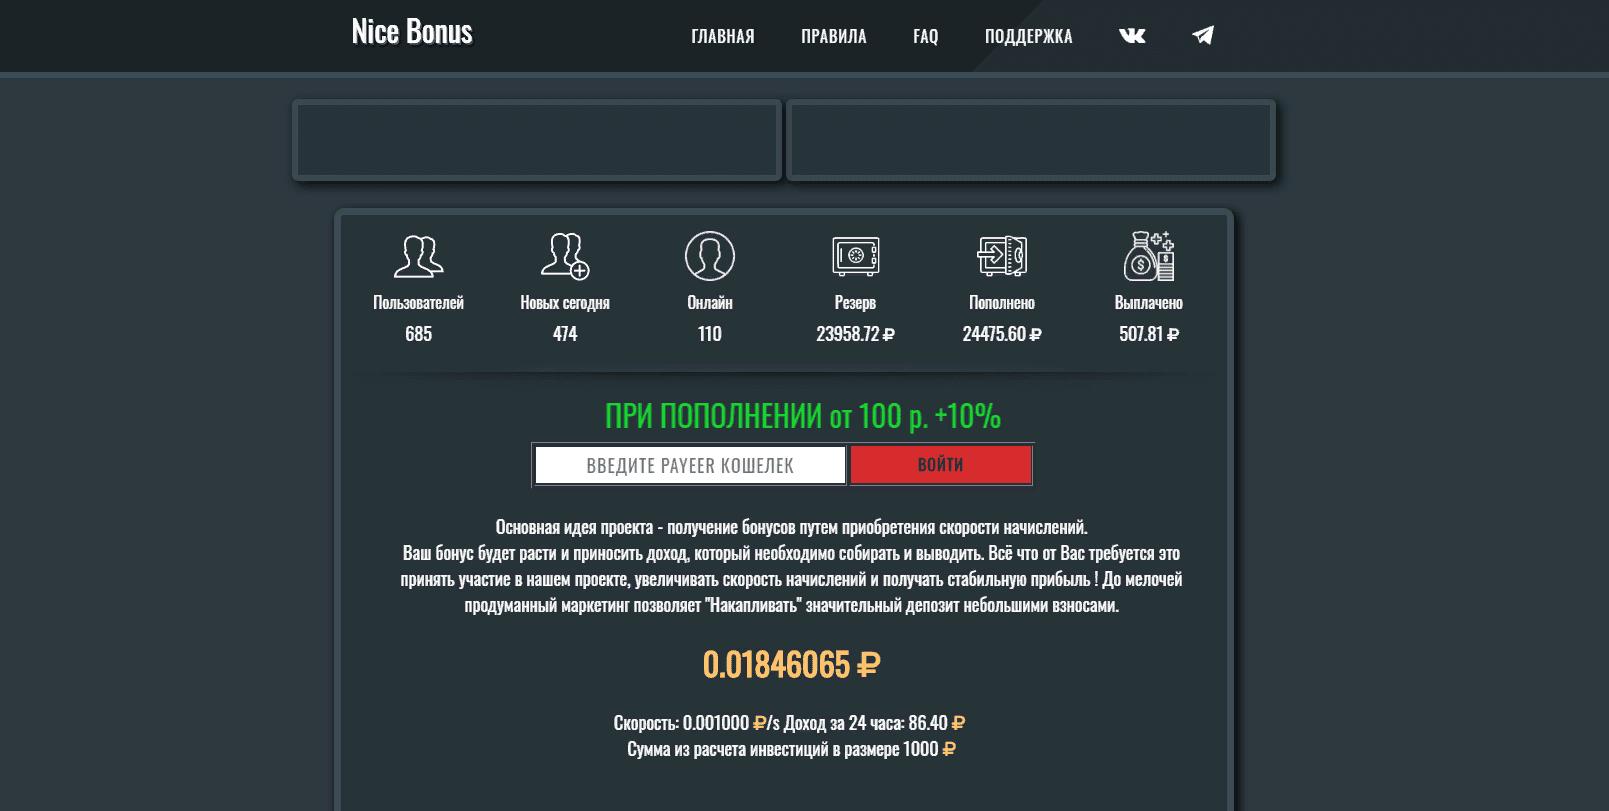 Nice Bonus